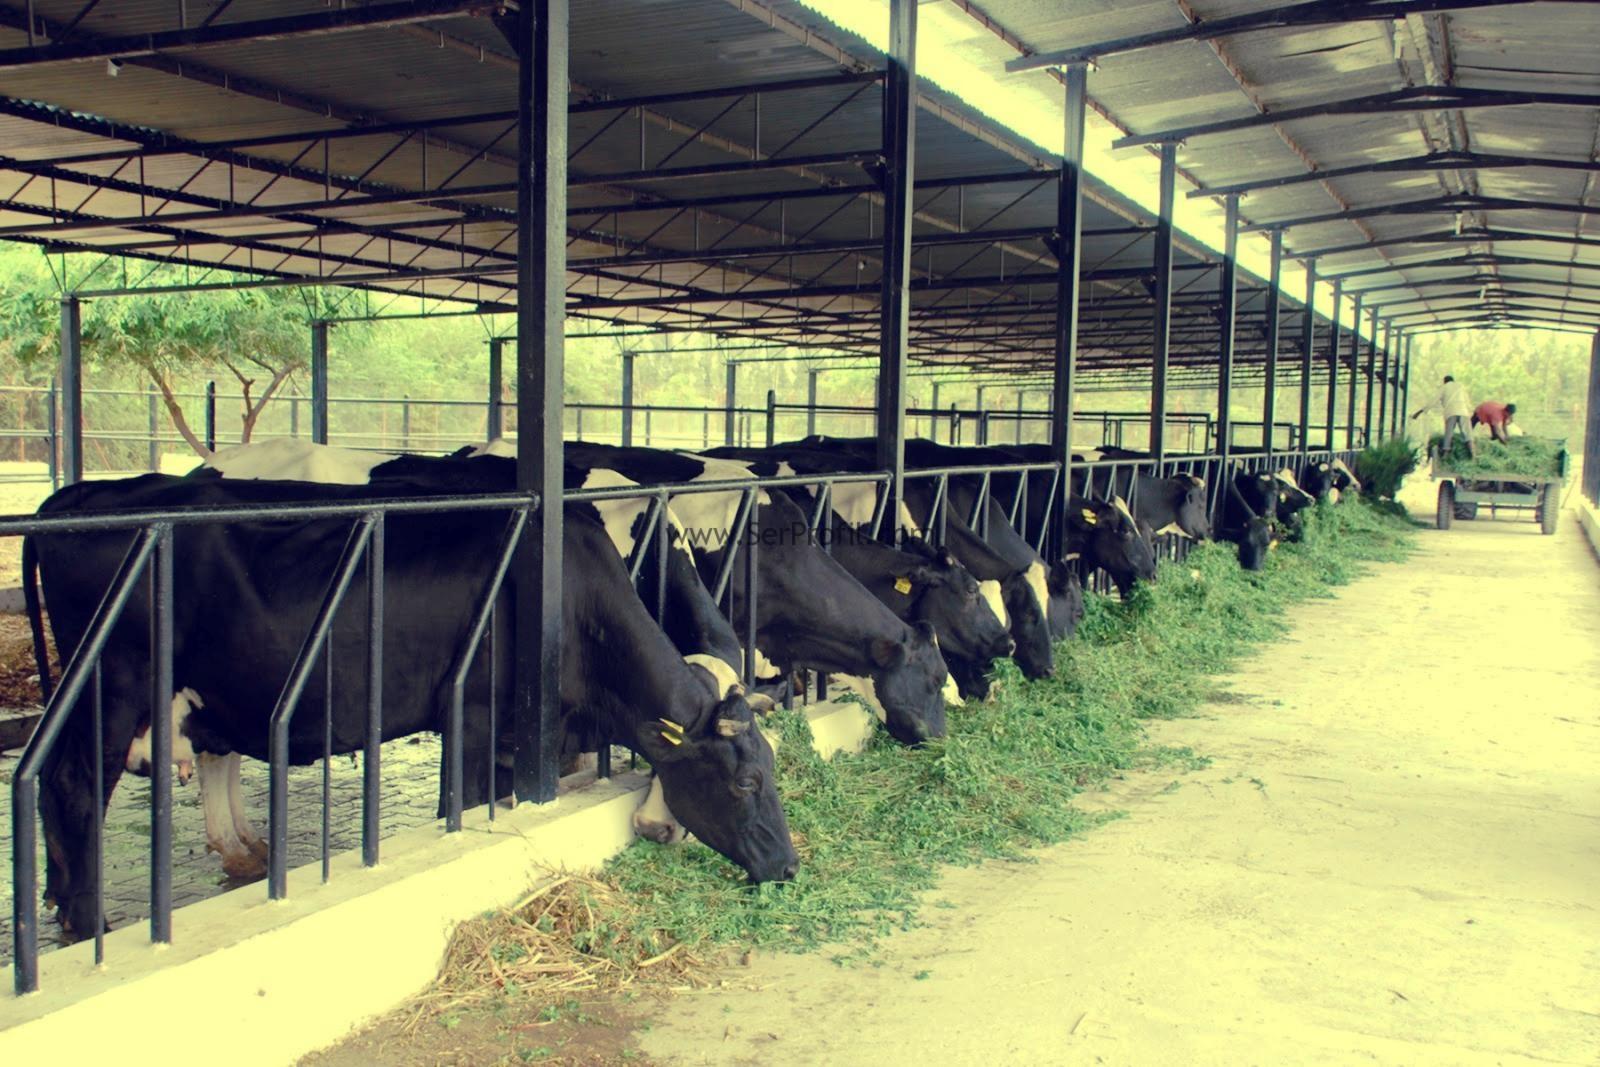 Мини молочная ферма на 50 голов крс для откорма - типовой проект строительства с минимальными затратами